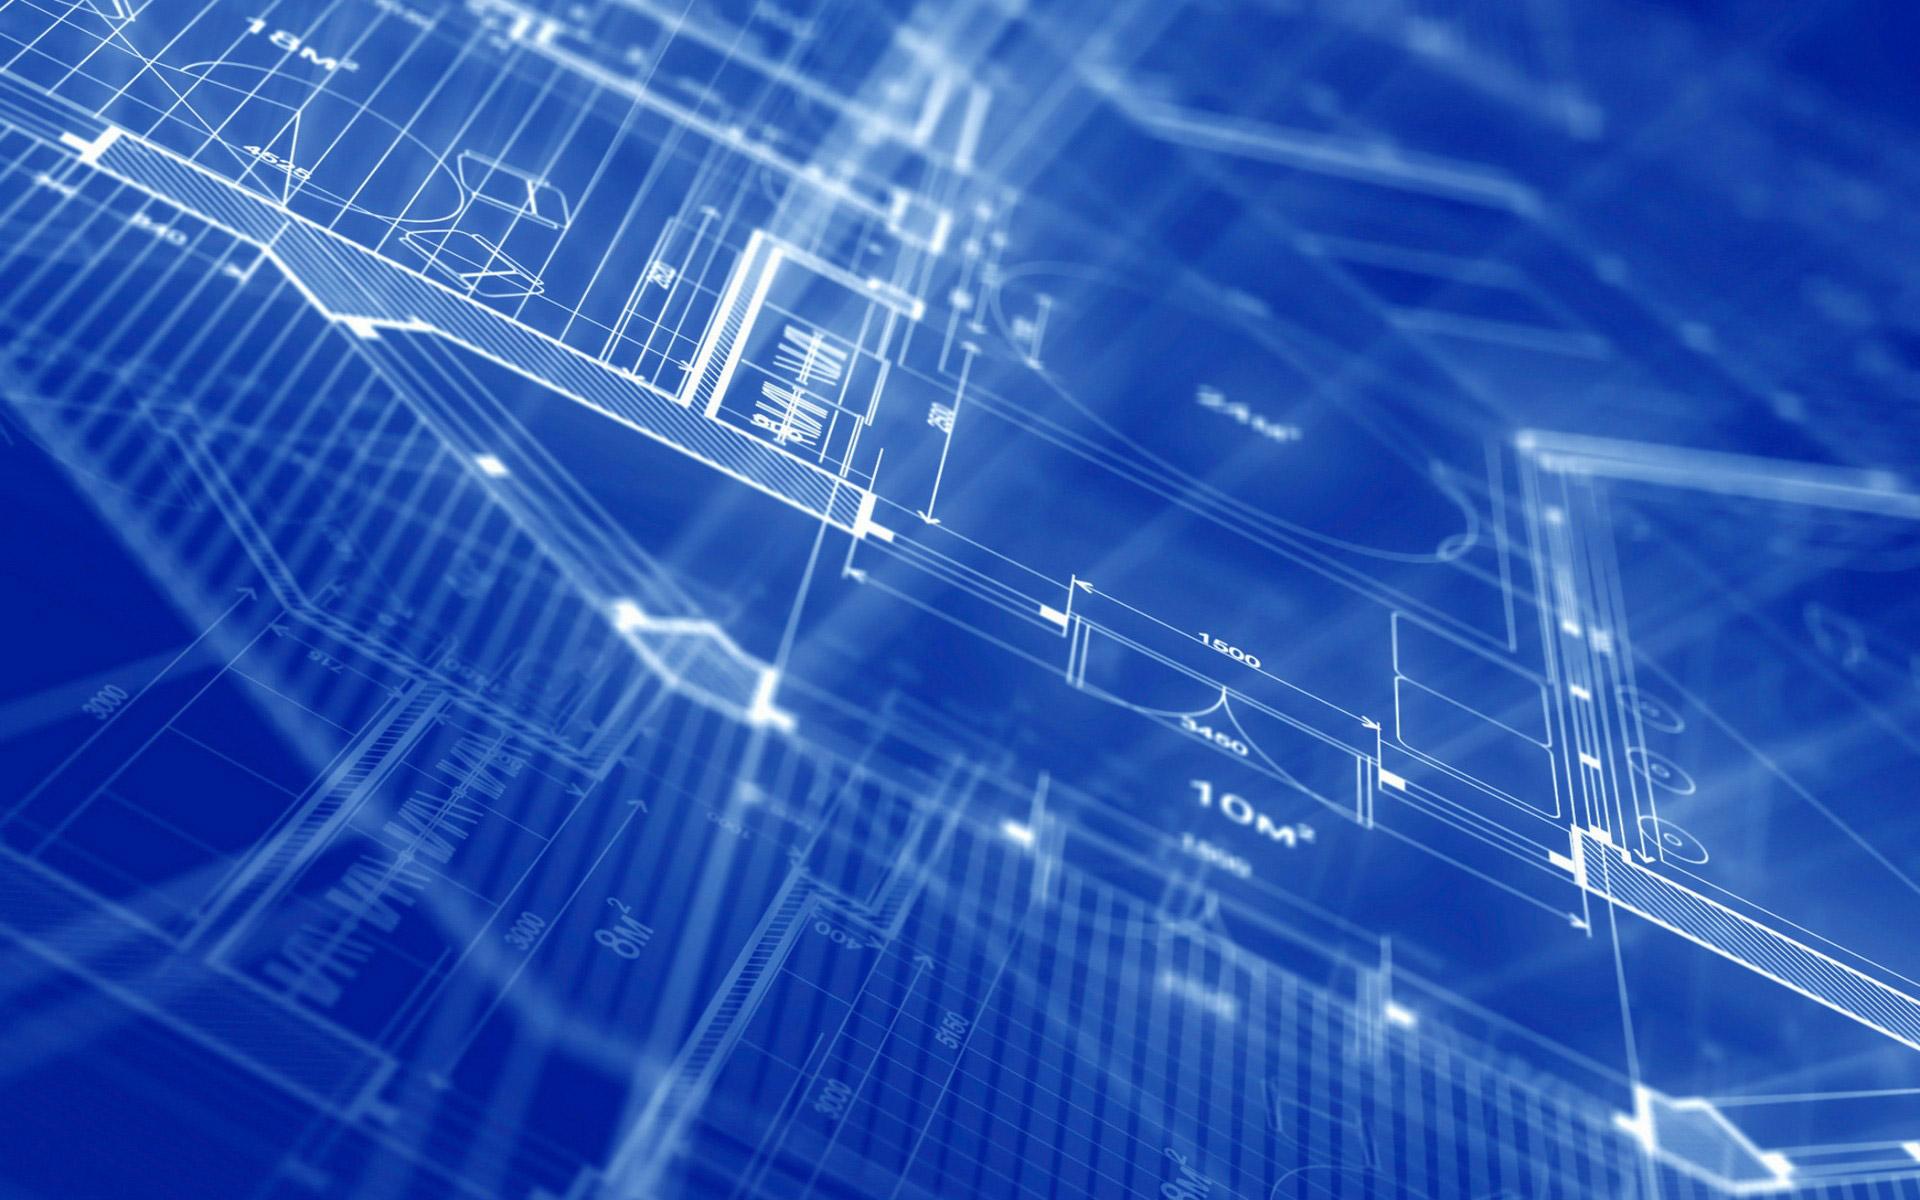 Blueprint Wallpaper Wallpapersafari Electric Guitar Plan Diagram Drawing Wallpapers Music Hd 1920x1200